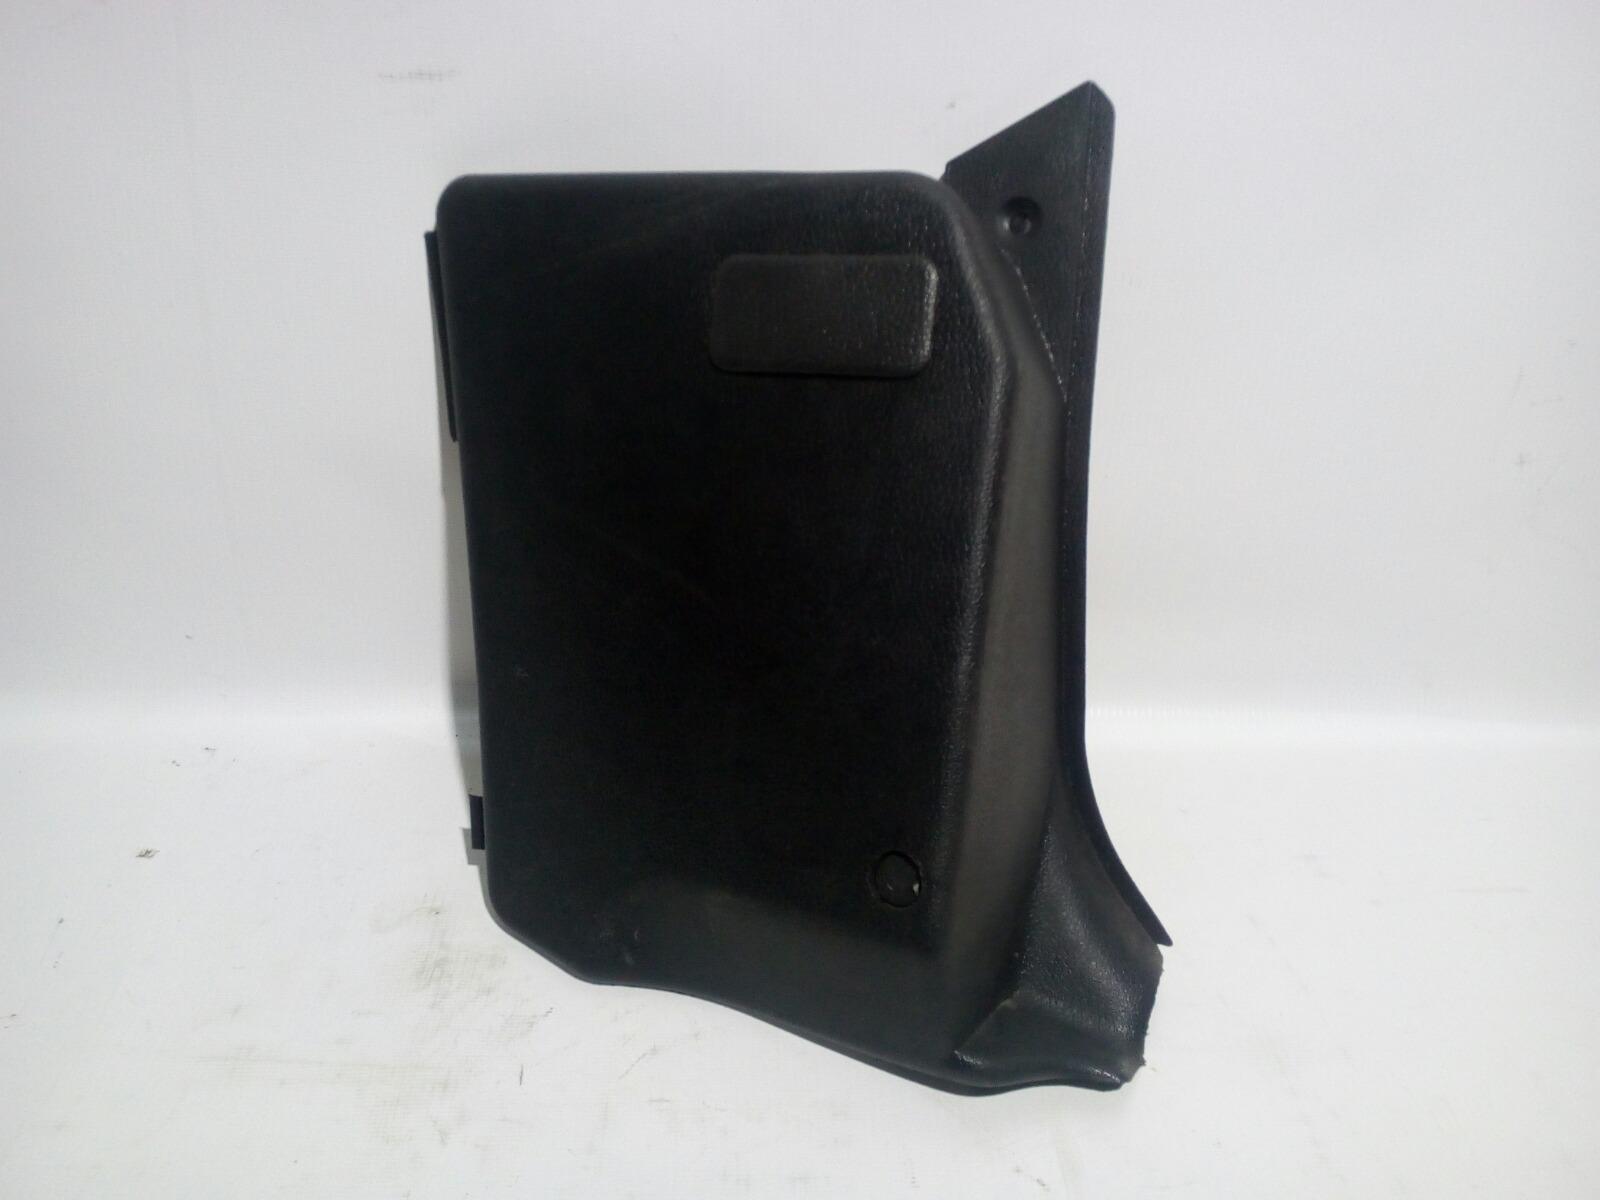 Обшивка, панель салона Daewoo Nexia KLETN F16D3 2012 передний правый нижний